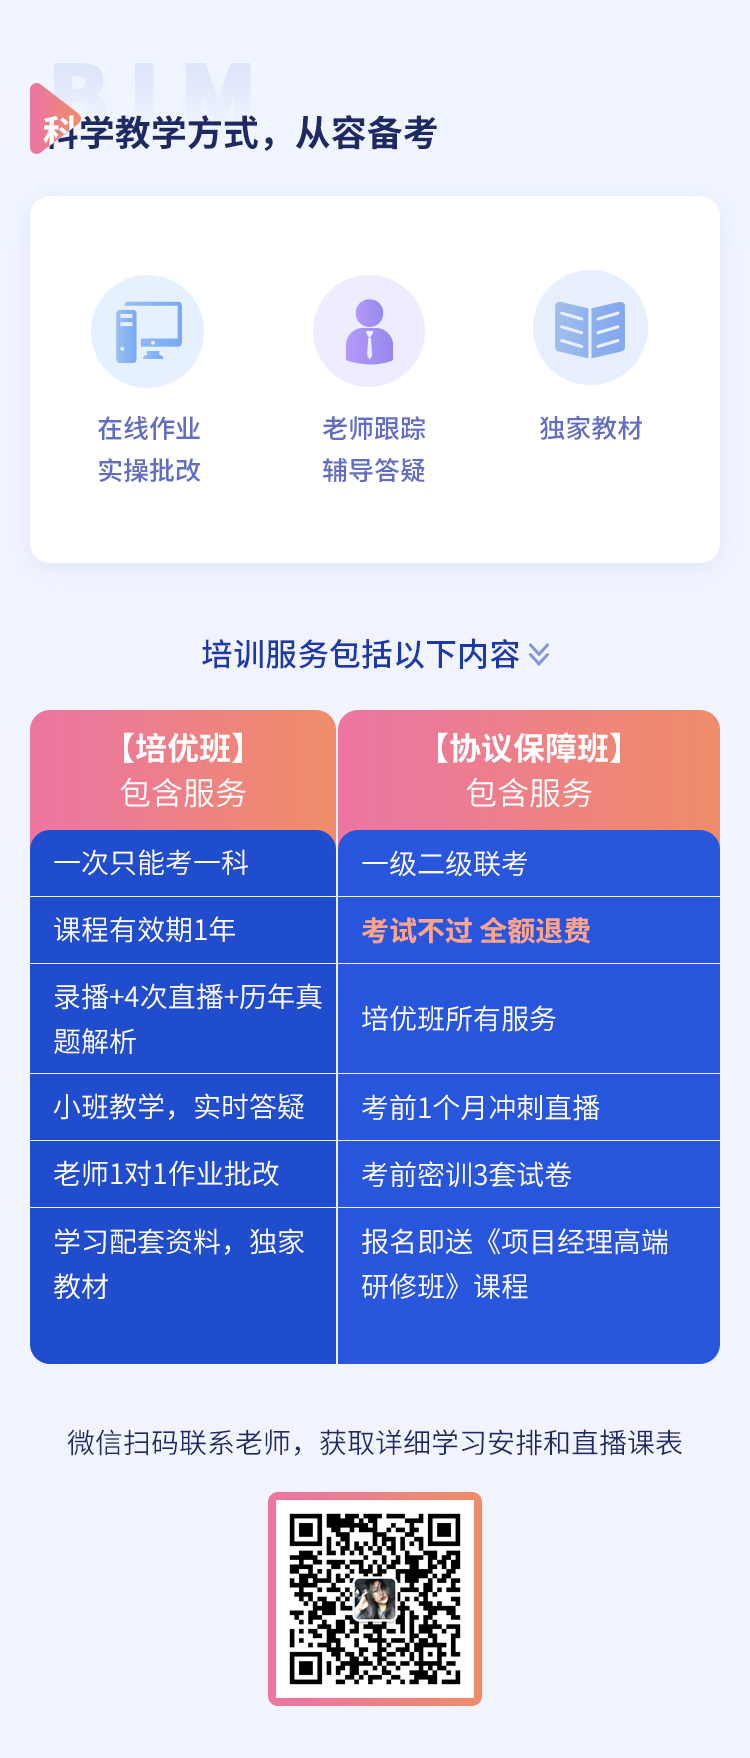 全国BIM技能等级考试_04.jpg